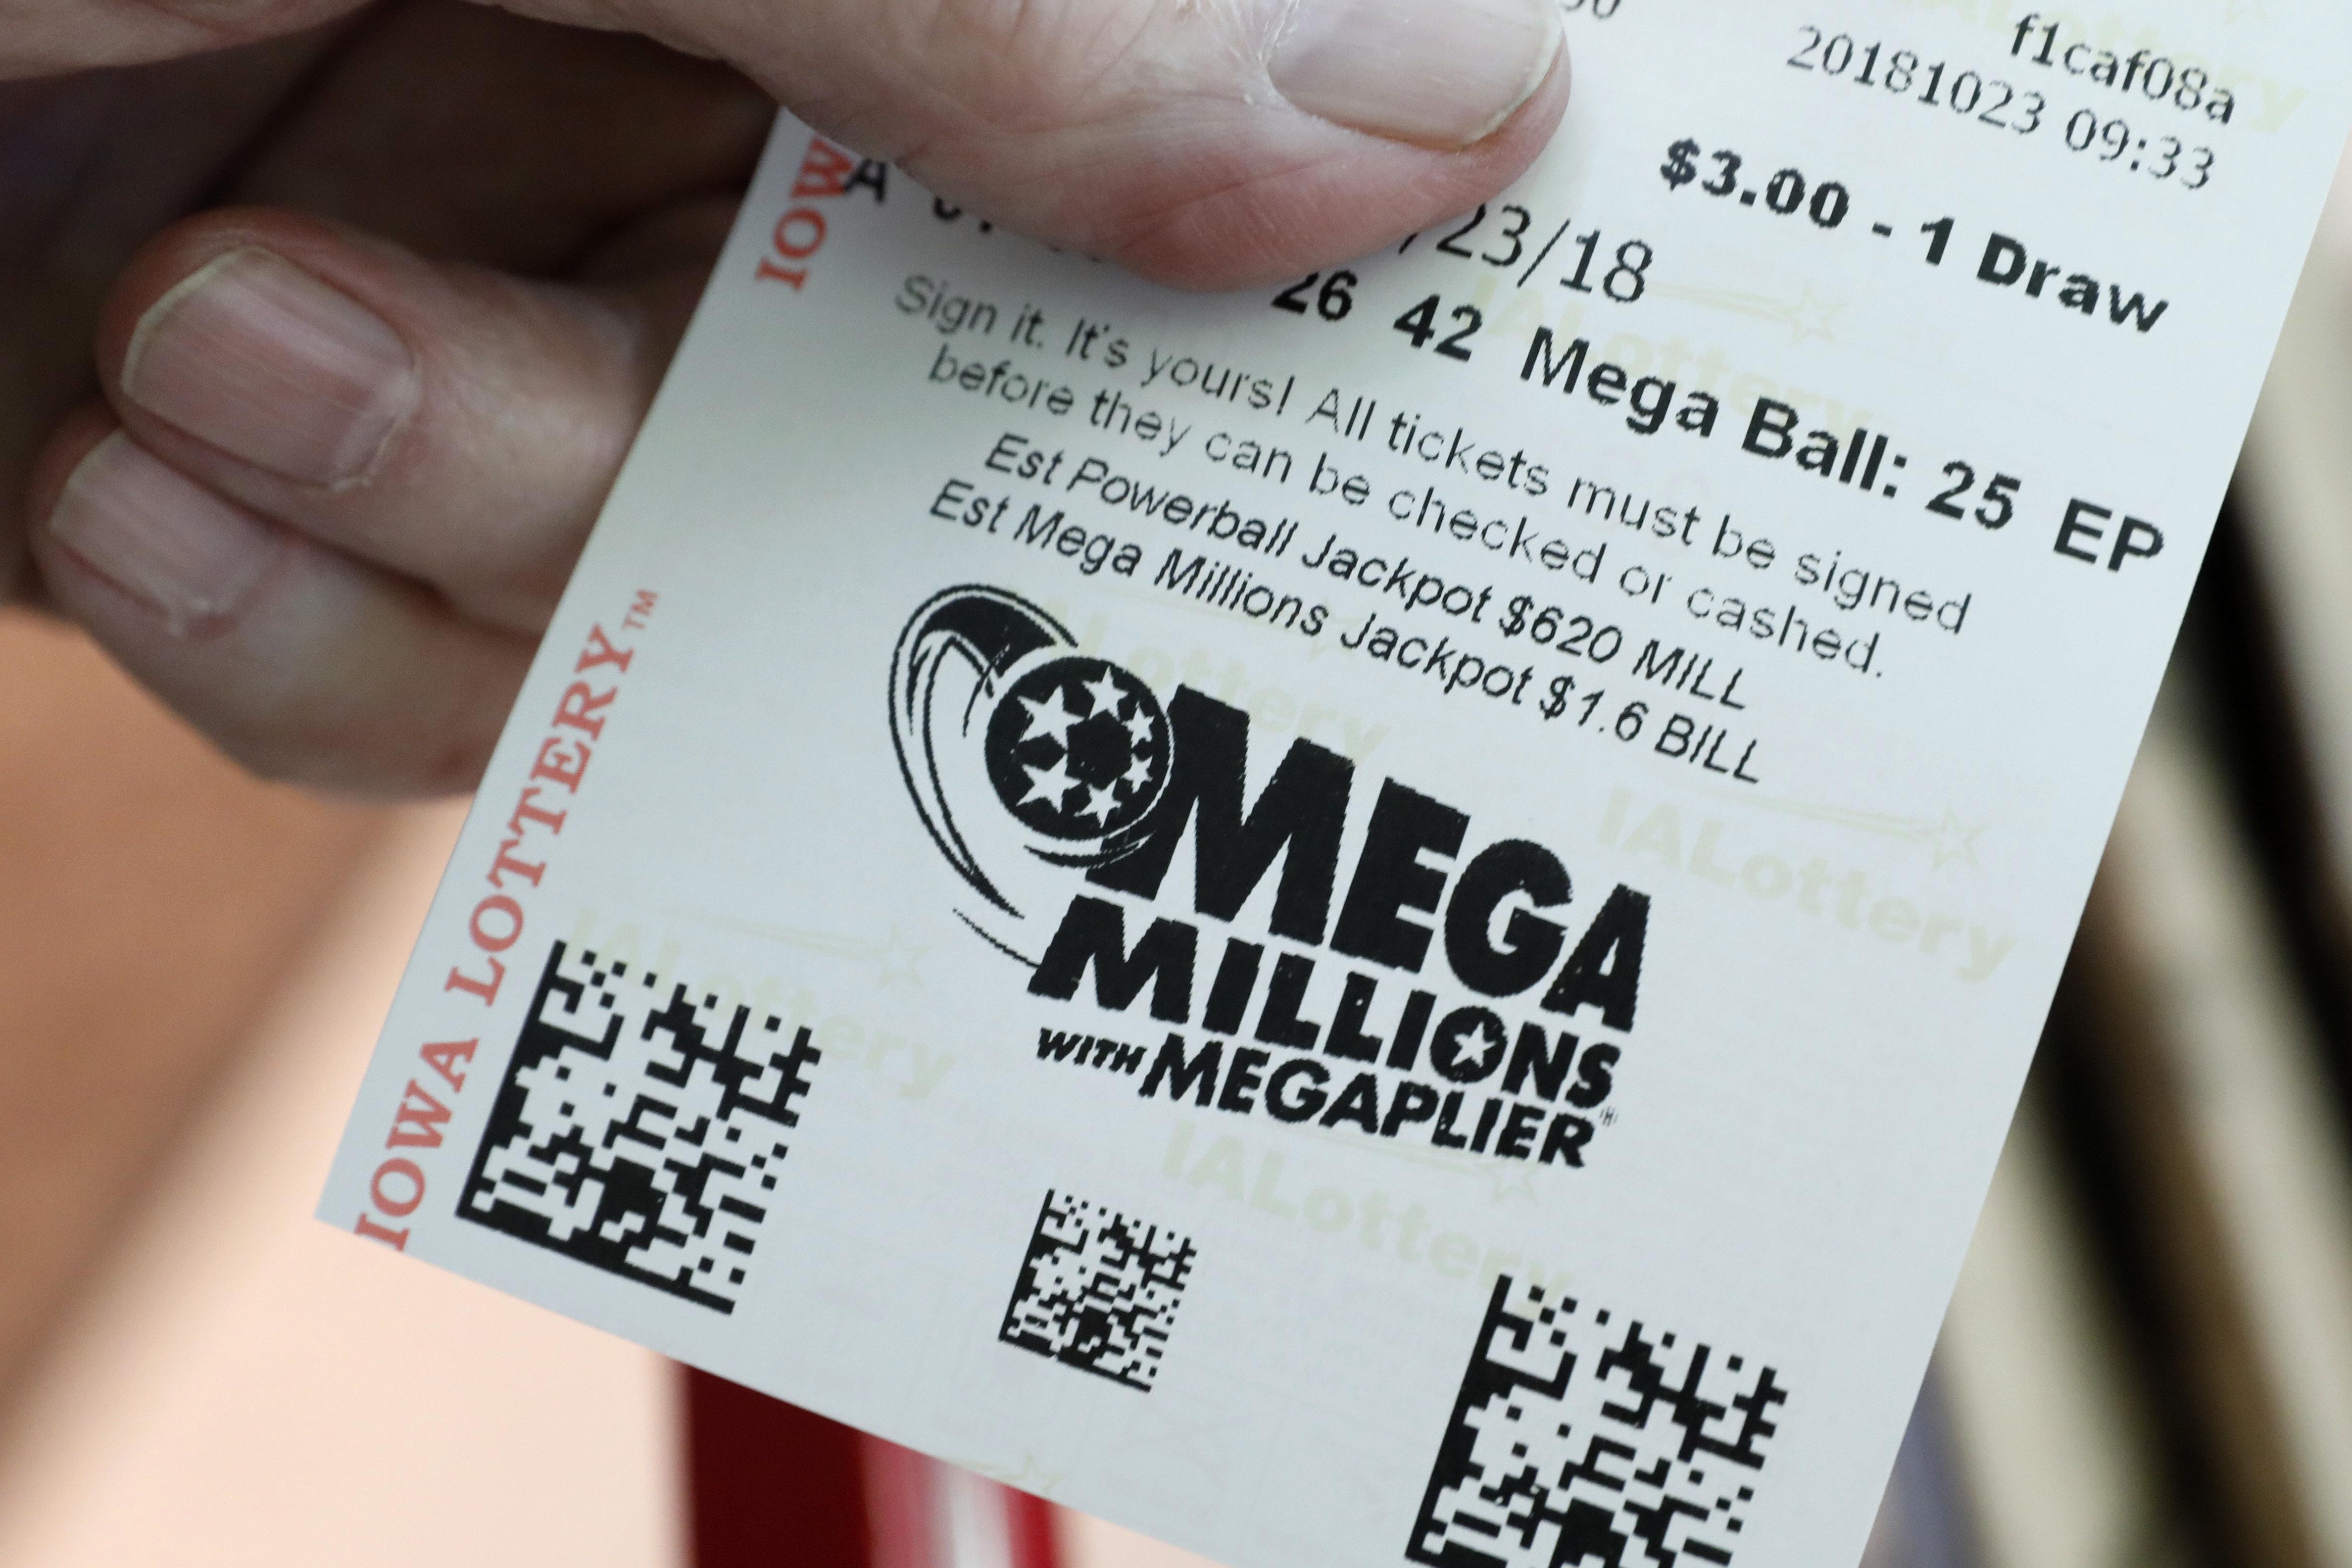 Ποιοι είναι οι τυχεροί αριθμοί του δελτίου που κέρδισε το μυθικό ποσό του 1,6 δισ. στην